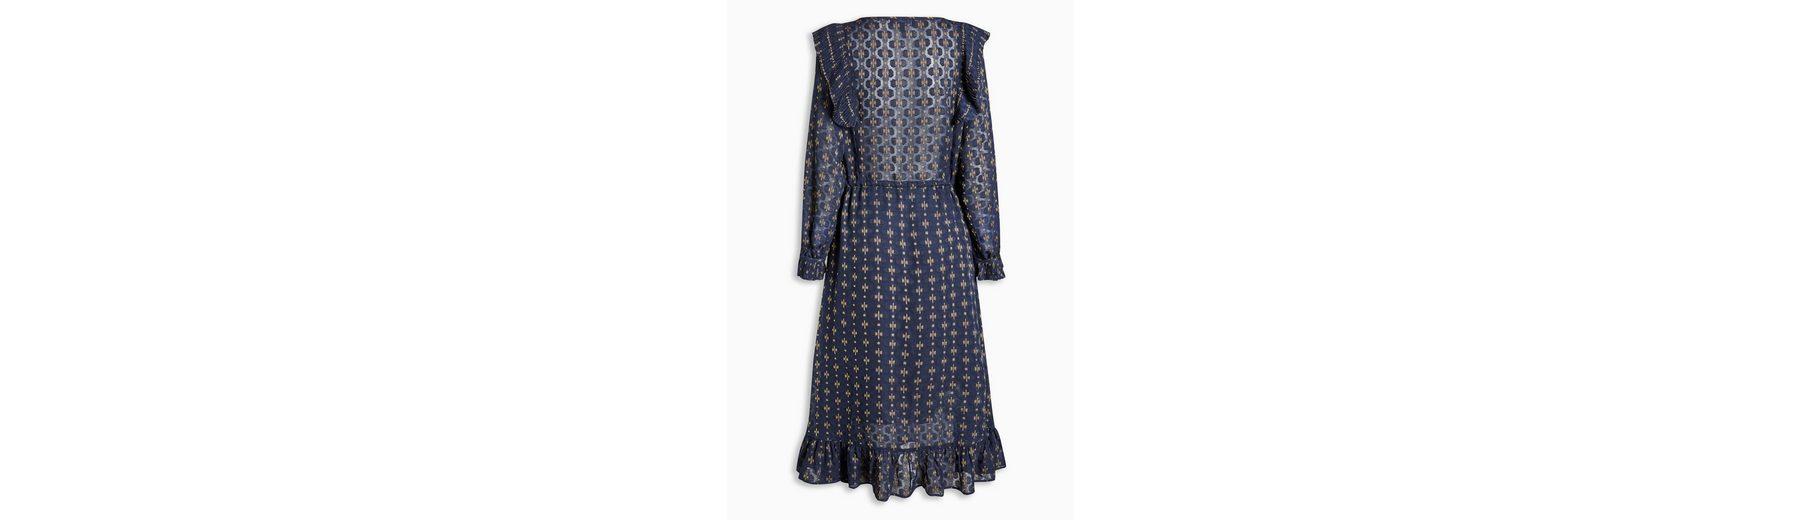 Next Kleid mit Jacquardmuster Günstig Kaufen Mit Kreditkarte Freies Verschiffen Eastbay In Deutschland Günstigem Preis Große Überraschung Online Niedriger Versandverkauf Online xVJyHUEO